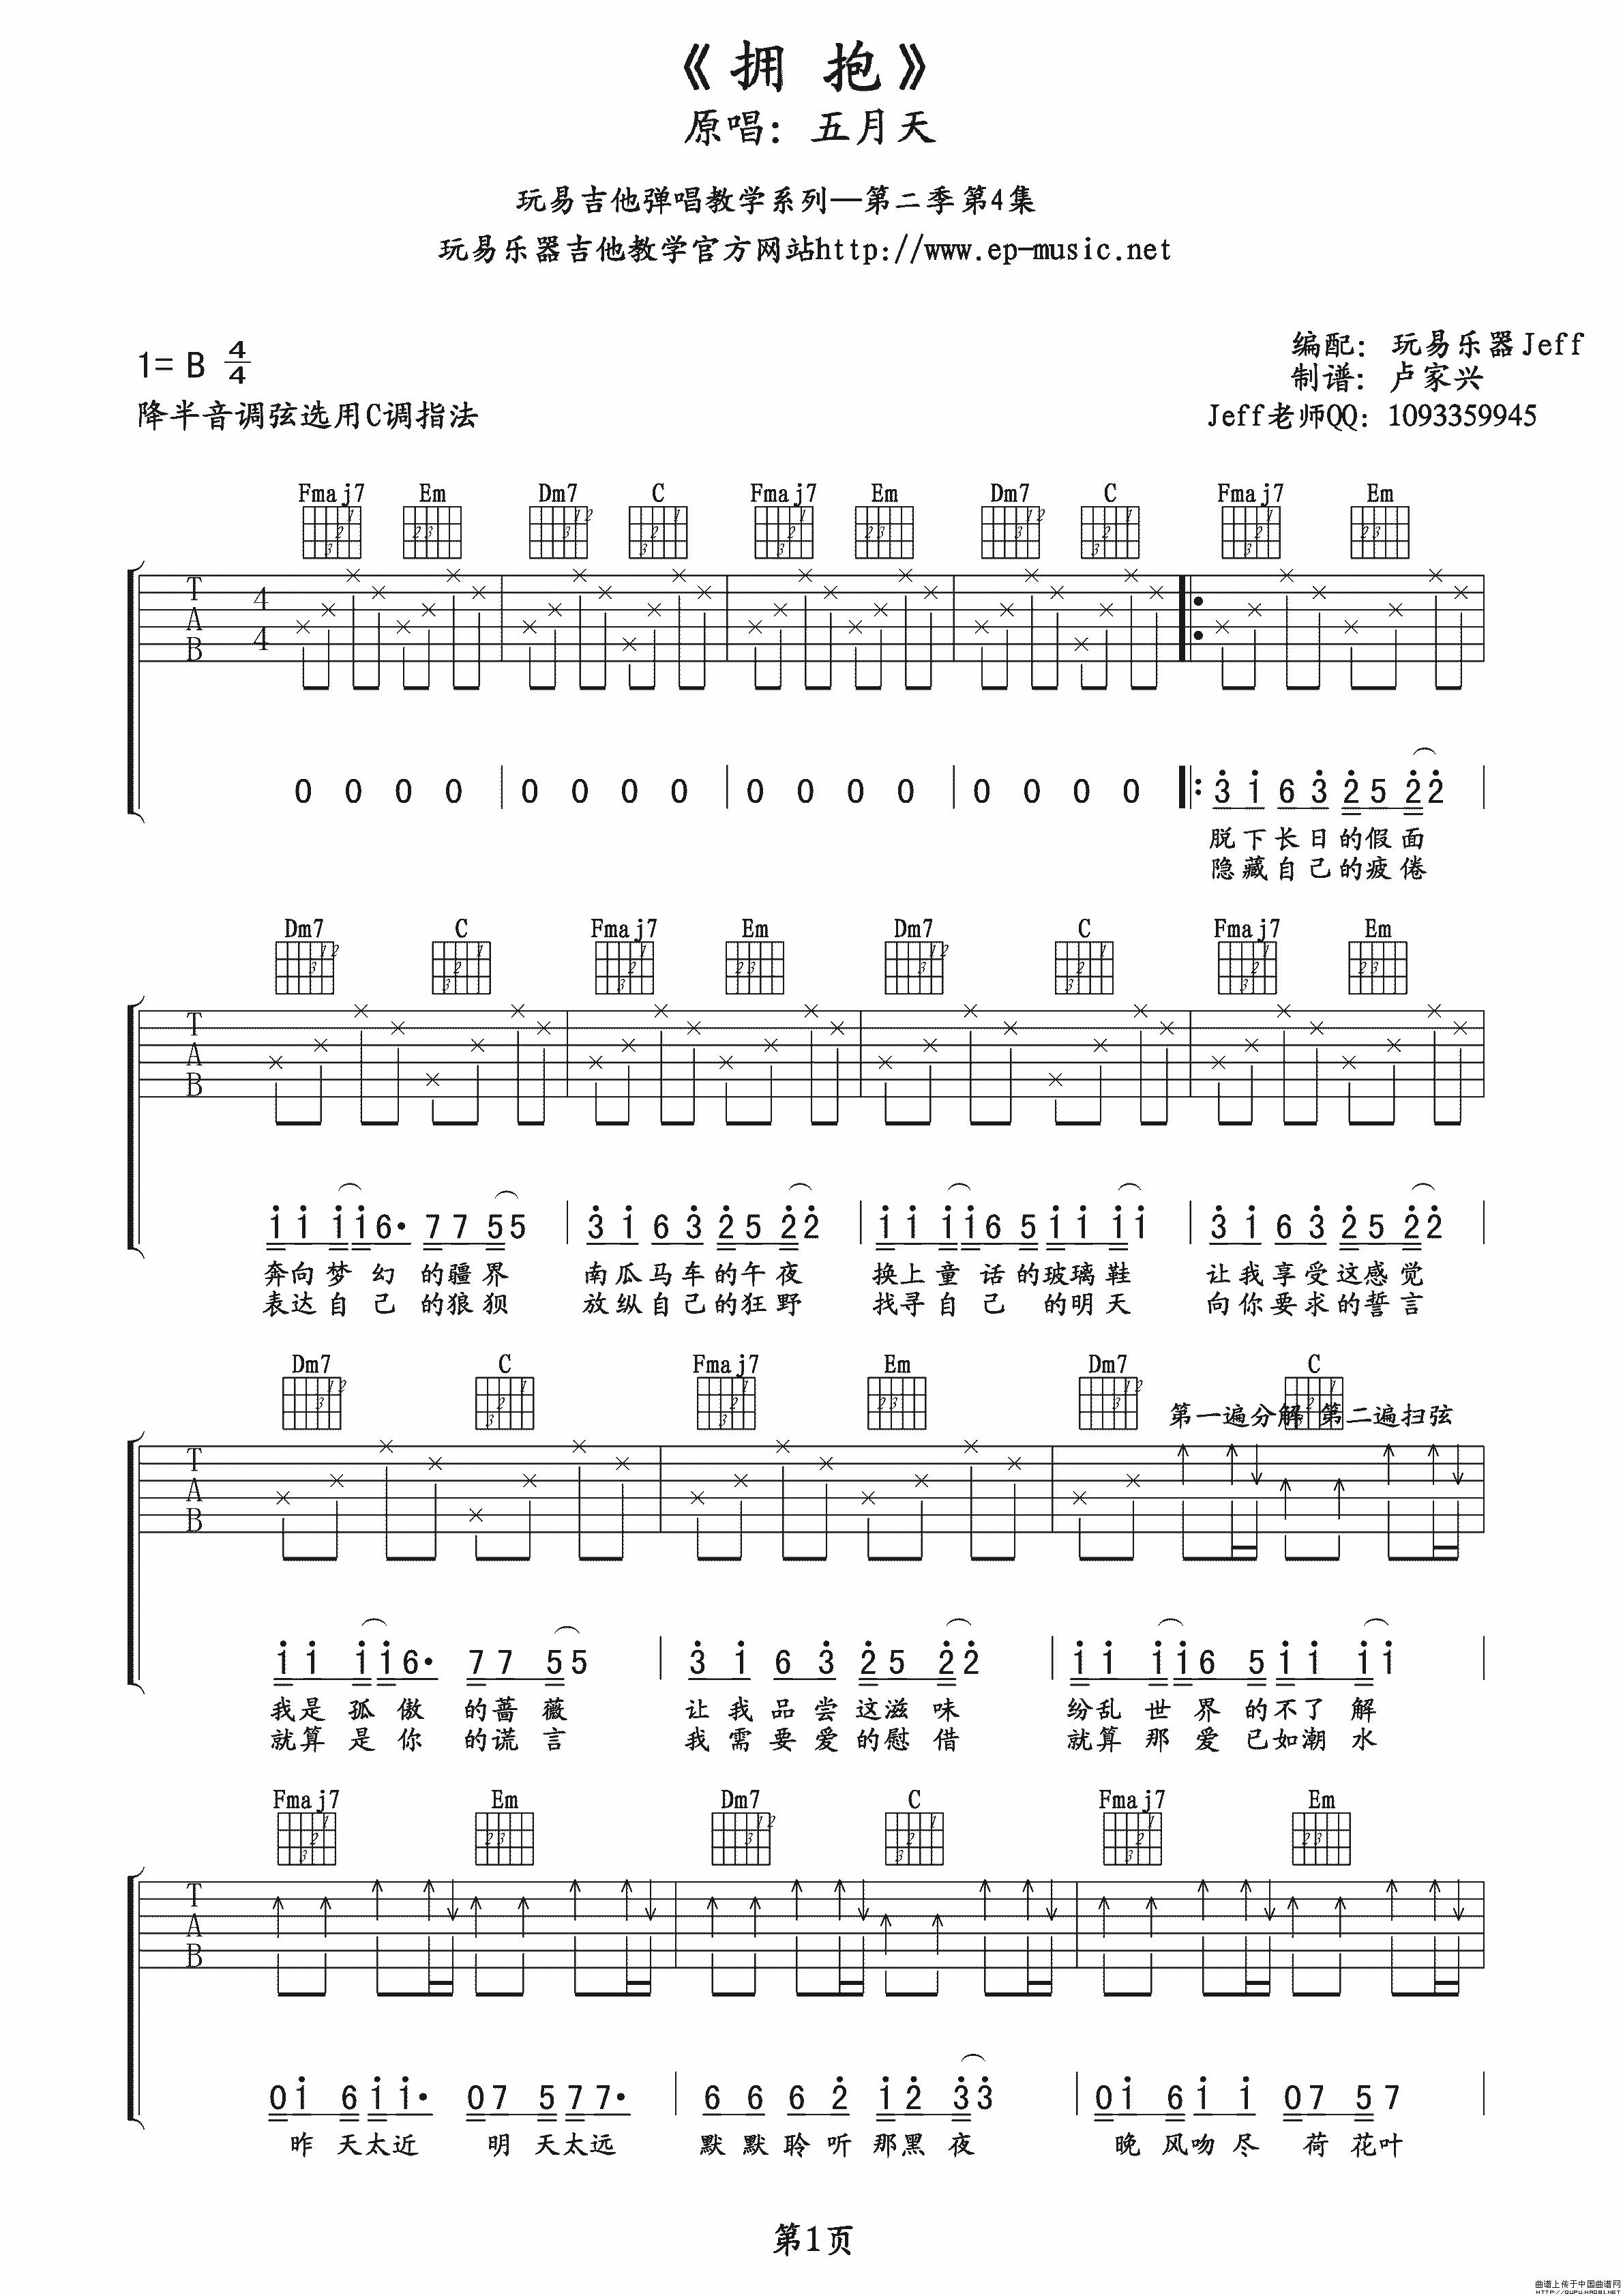 五月天拥抱吉他谱_拥抱(新手练习)吉他谱(图片谱)_五月天(mayday)_五月天《拥抱》吉他谱